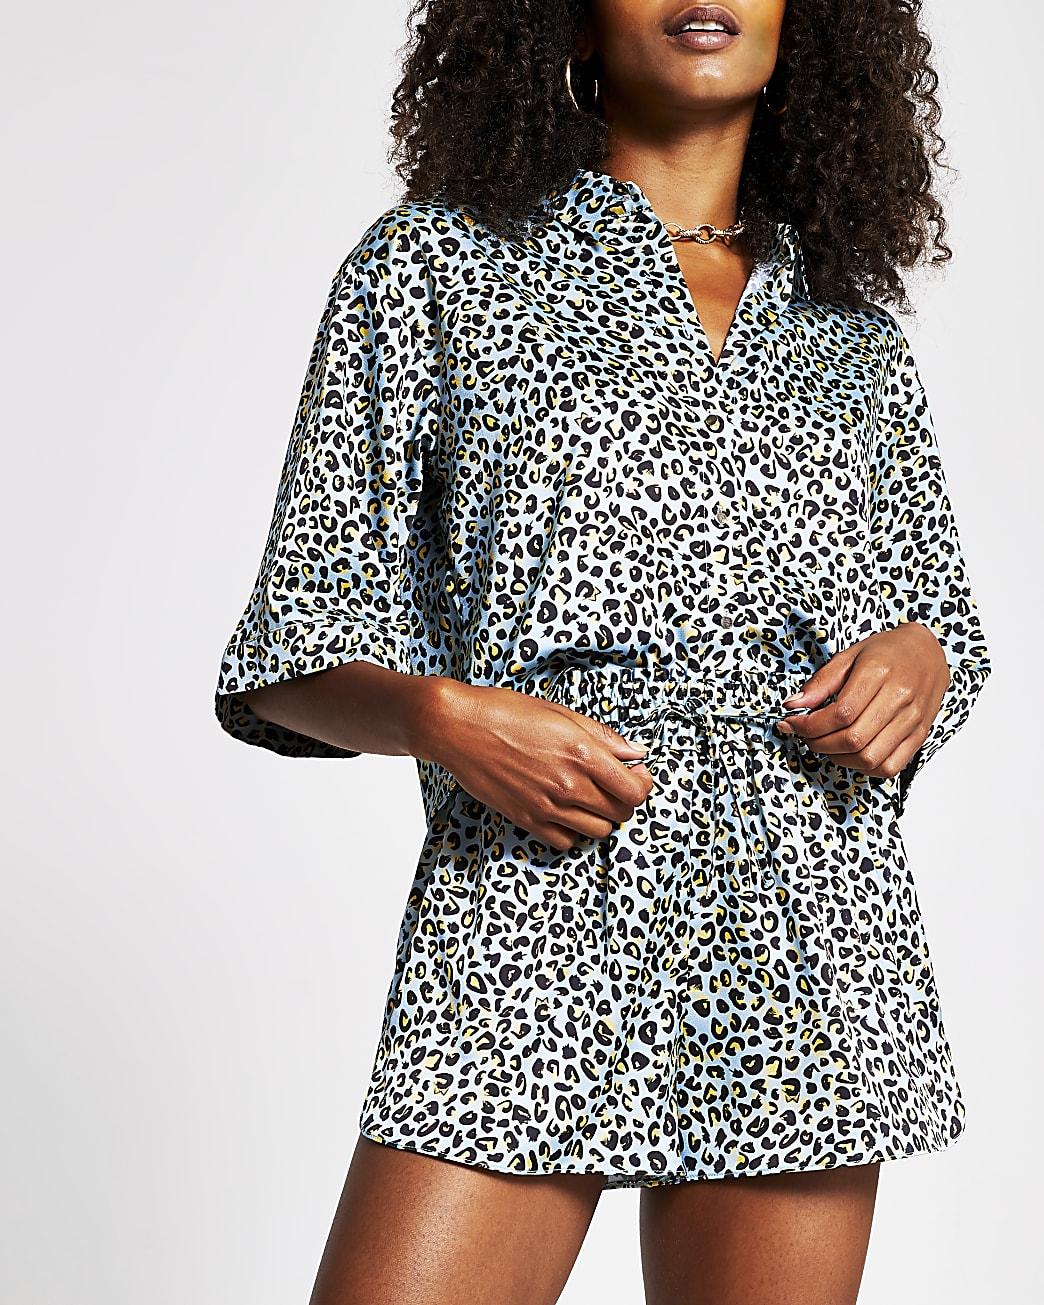 Blue leopard print runner shorts